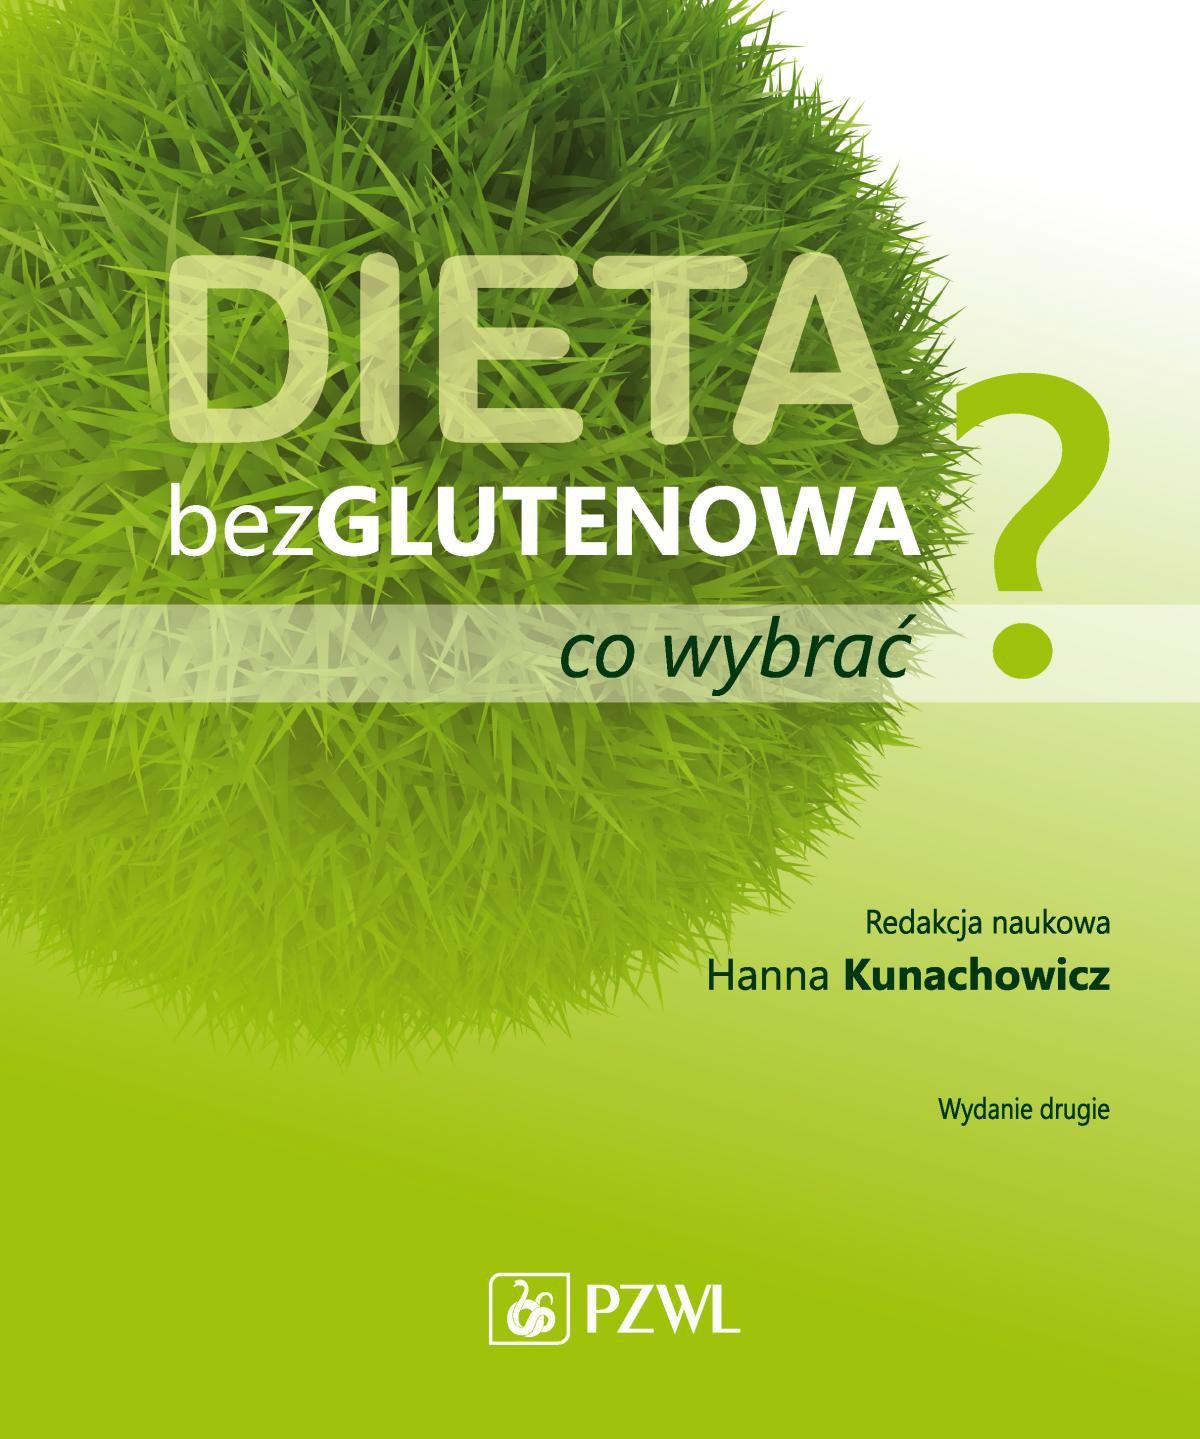 Dieta bezglutenowa - co wybrać? - Ebook (Książka EPUB) do pobrania w formacie EPUB